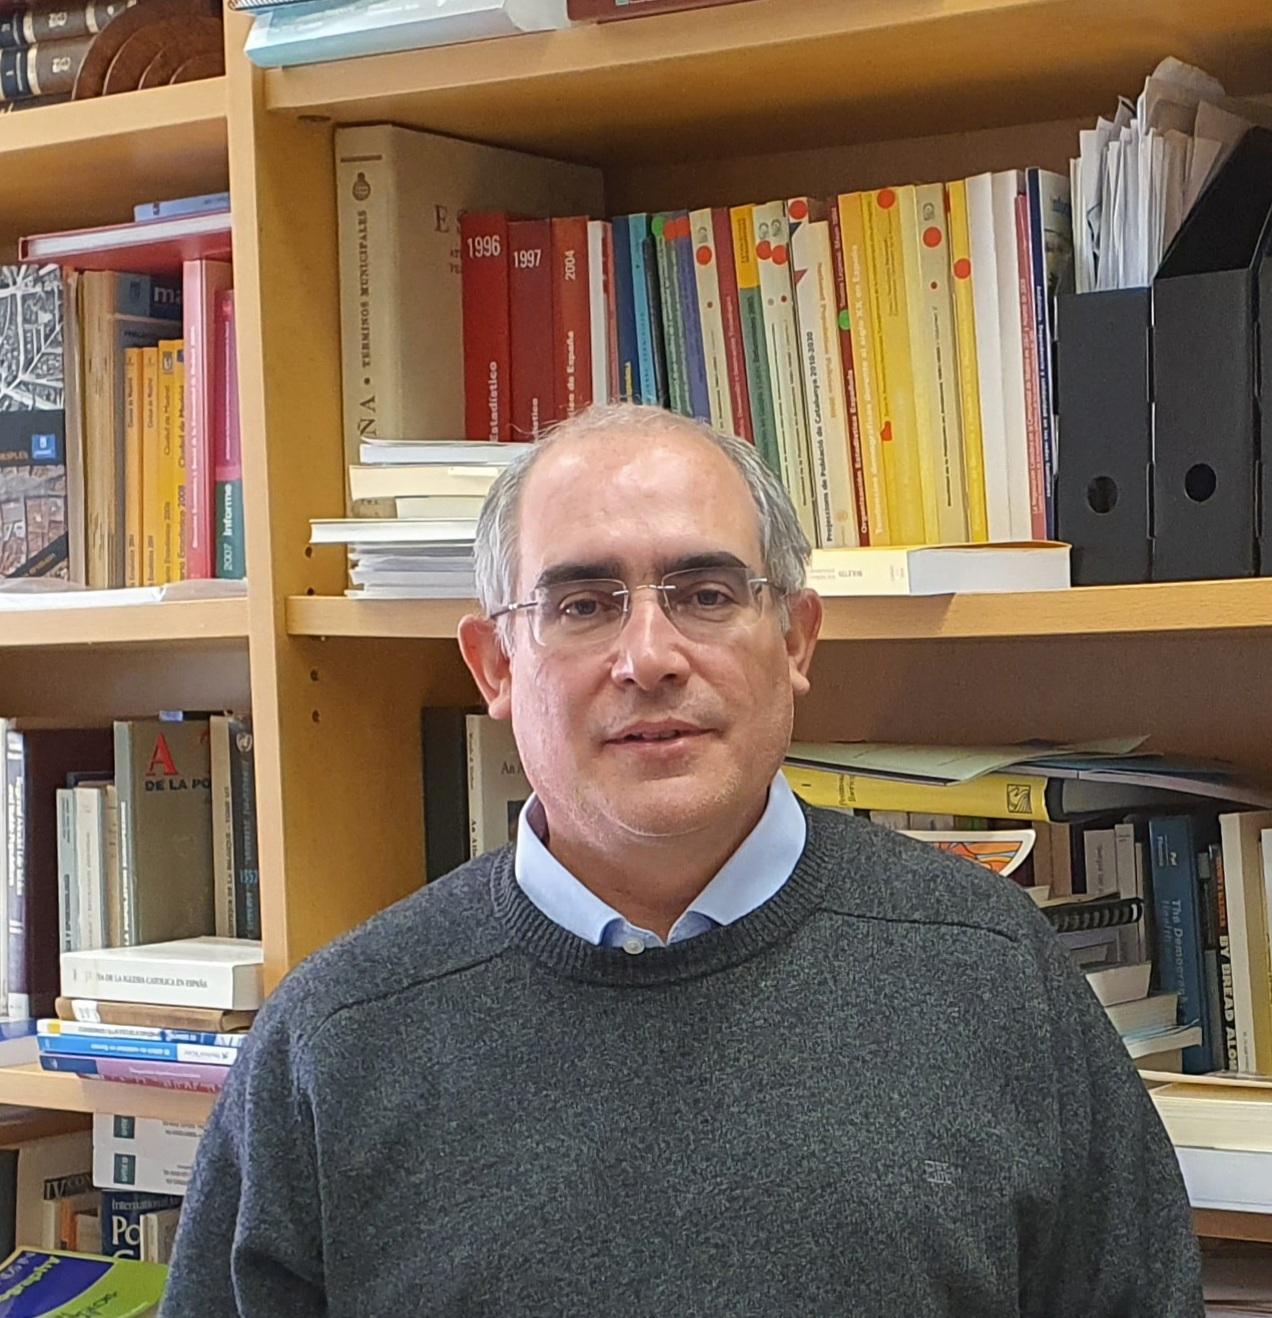 imagen de El demógrafo Diego Ramiro, en su despacho del IEGD-CSIC. / Víctor Pareja